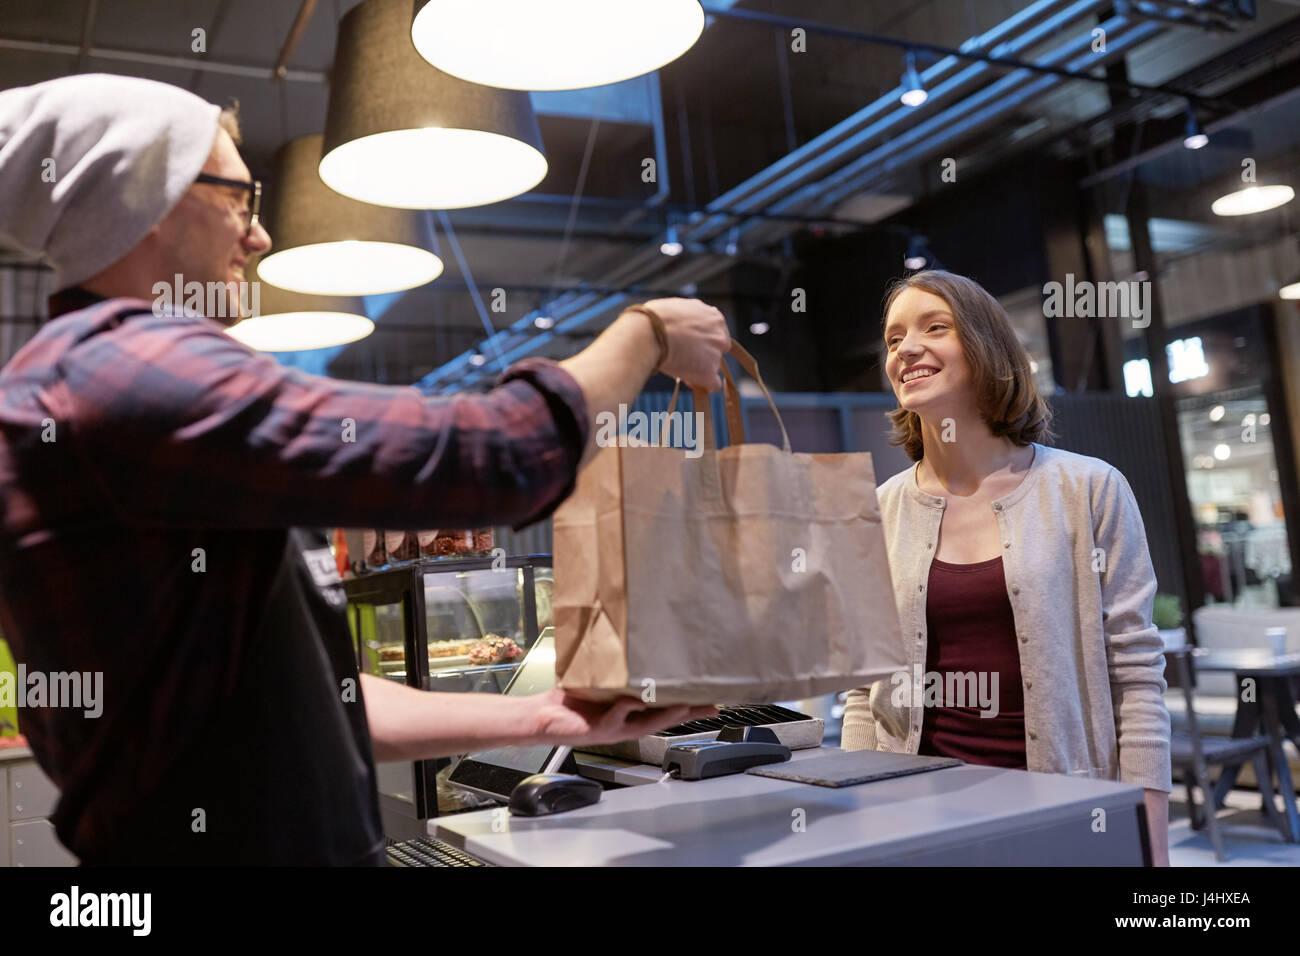 Vendeur sac en papier à donner à la clientèle vegan cafe Photo Stock